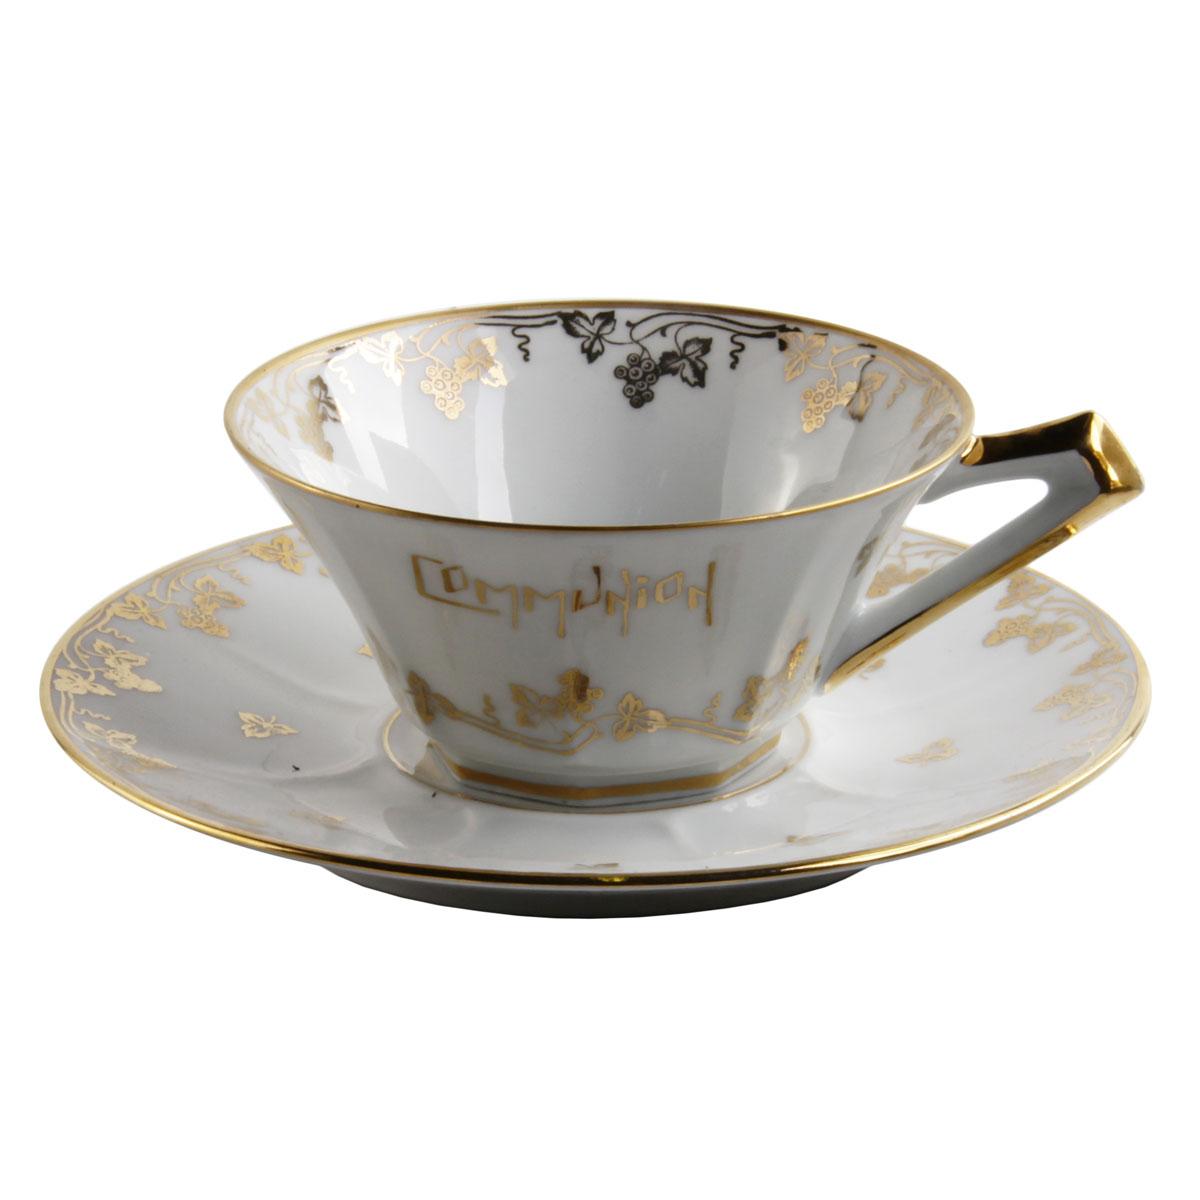 Чайная пара Limoges Porcelain Чайная пара в классическом стиле Лимож, белый, золотой чайная пара фрукты les fruites фарфор деколь германия weimar porzellan 1990 гг